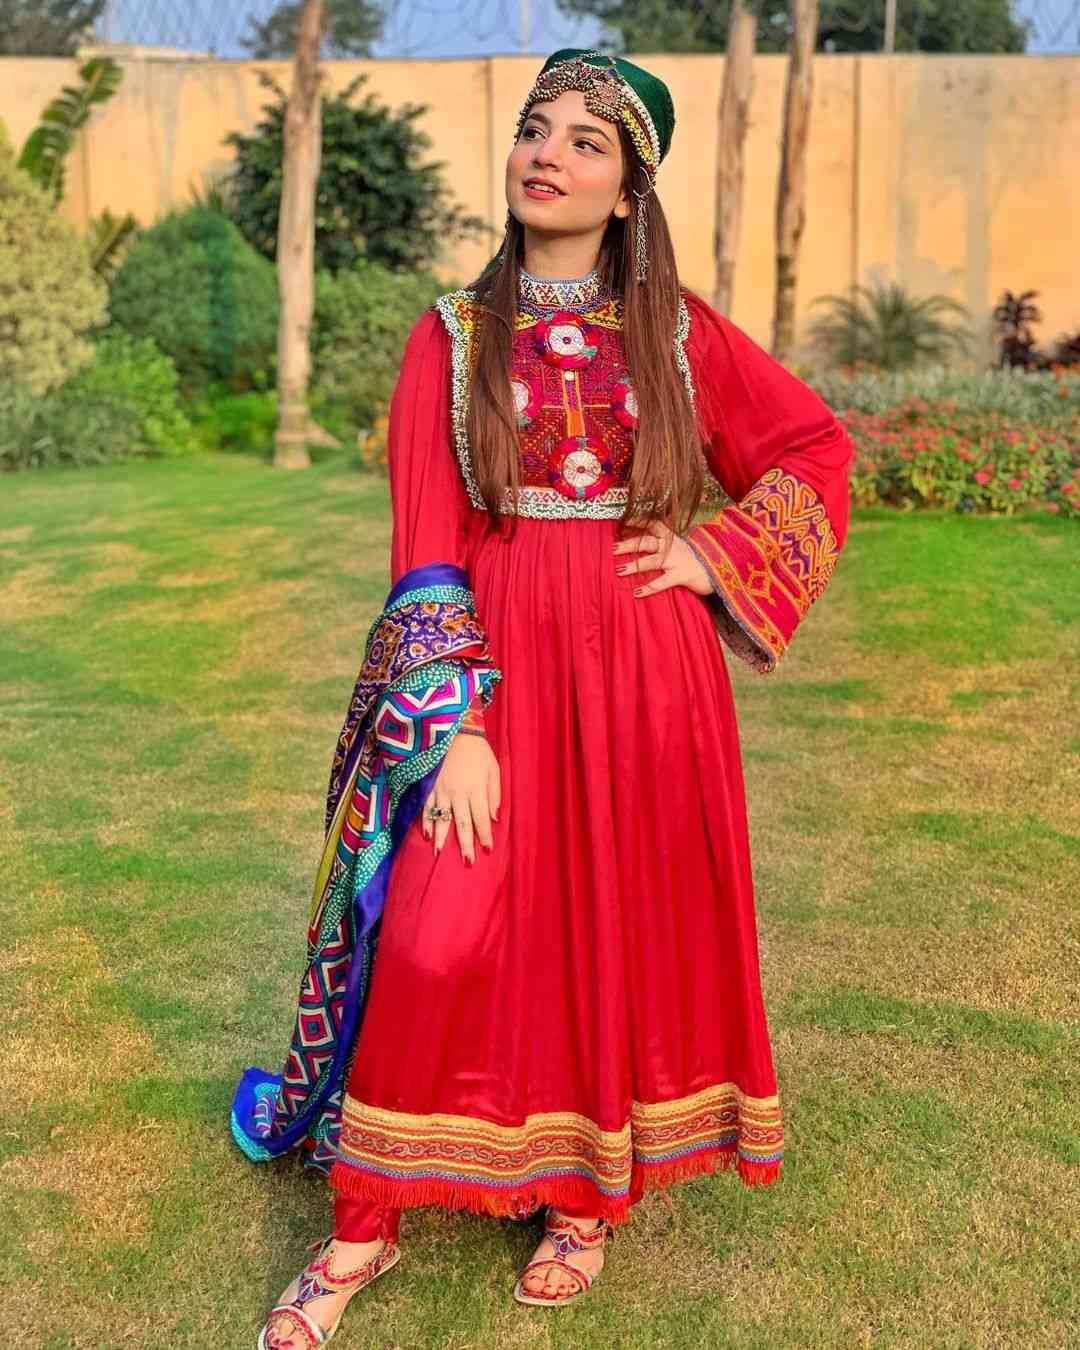 Dananeer Mobeen height